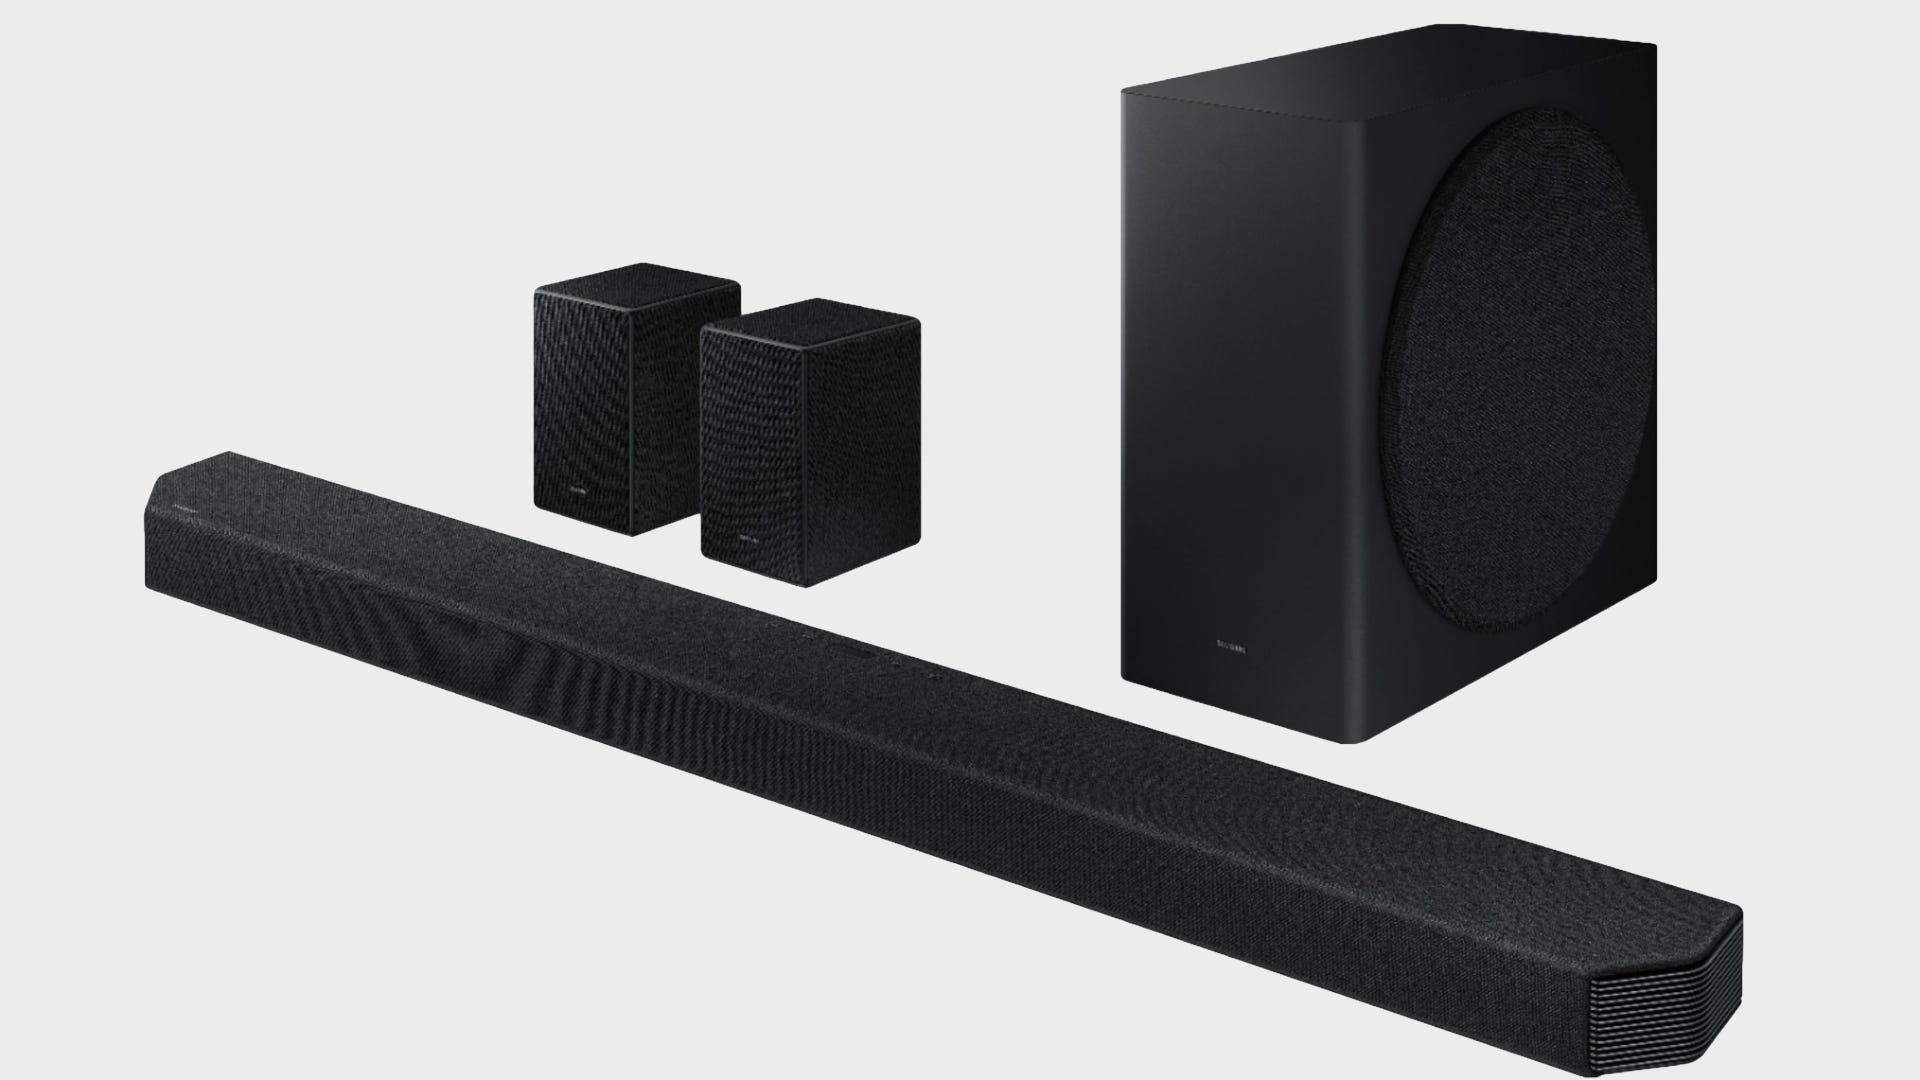 Samsung HW-Q950A soundbar render